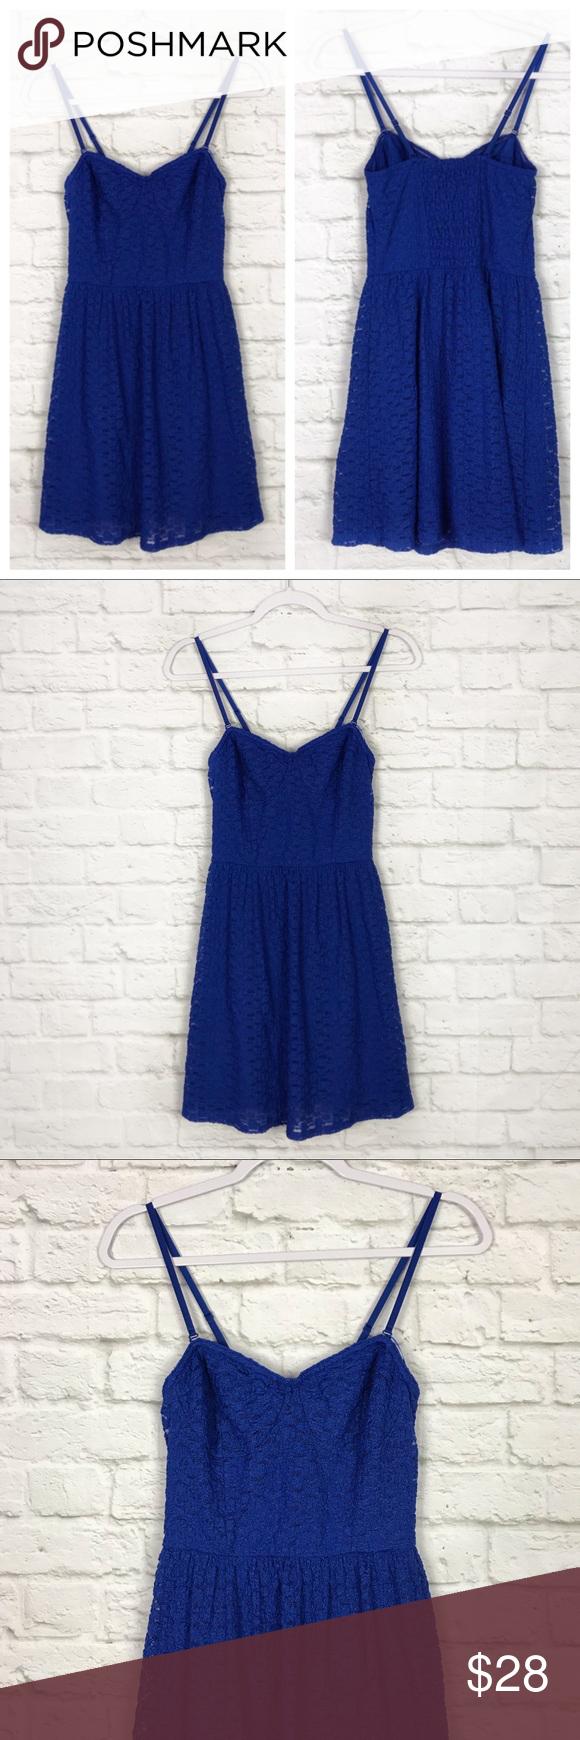 Victorias Secret Primary Blue Lace Summer Dress 4 Lace Summer Dresses Clothes Design Summer Dresses [ 1740 x 580 Pixel ]